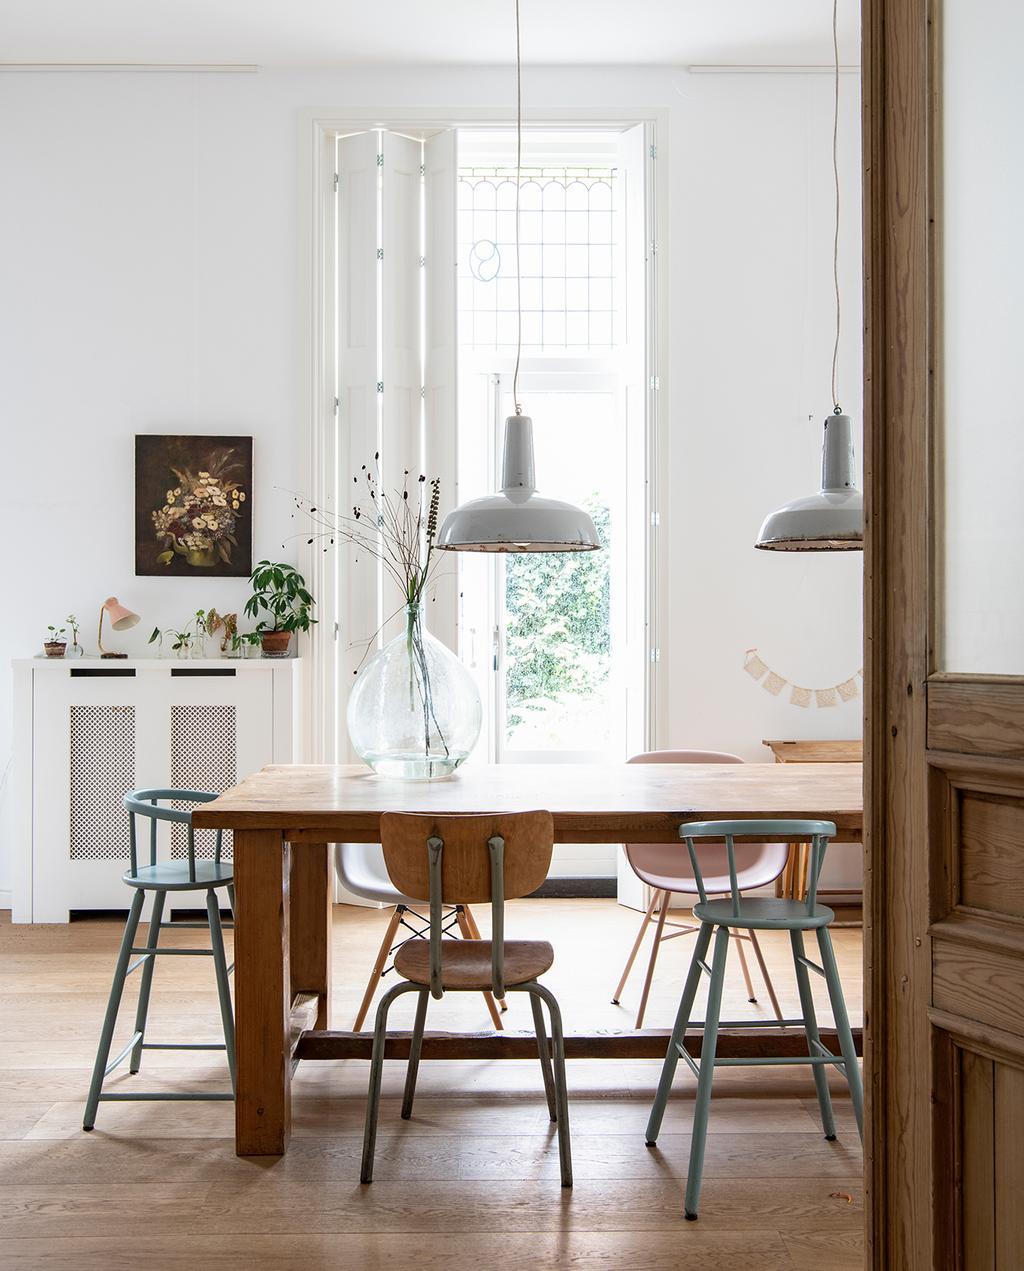 vtwonen 03-2020 | hout eetkamertafel met hanglampen